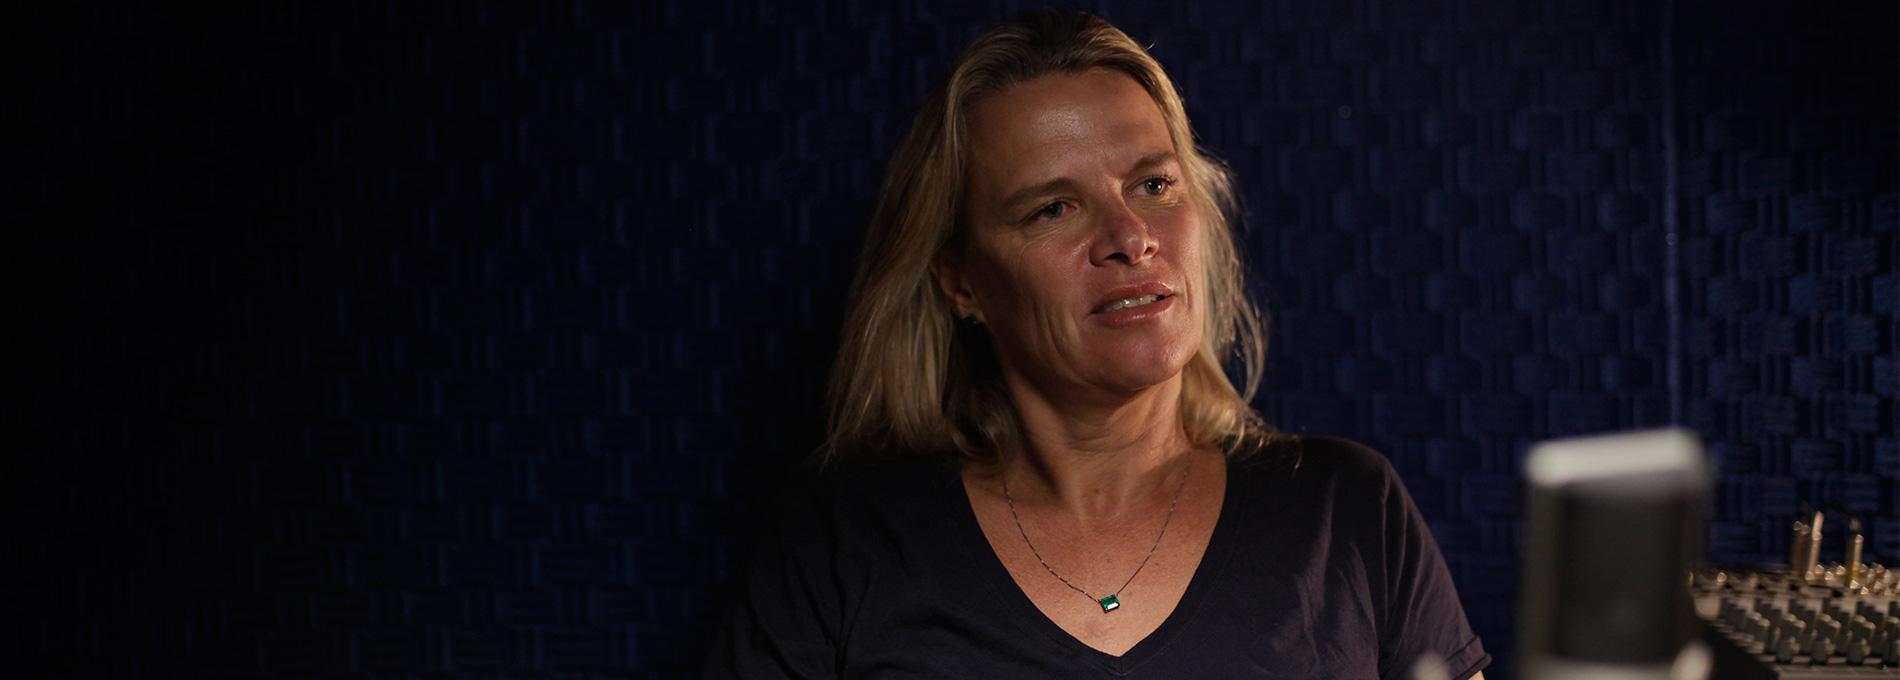 Mariana Becker ouviu que F1 não é lugar de mulher